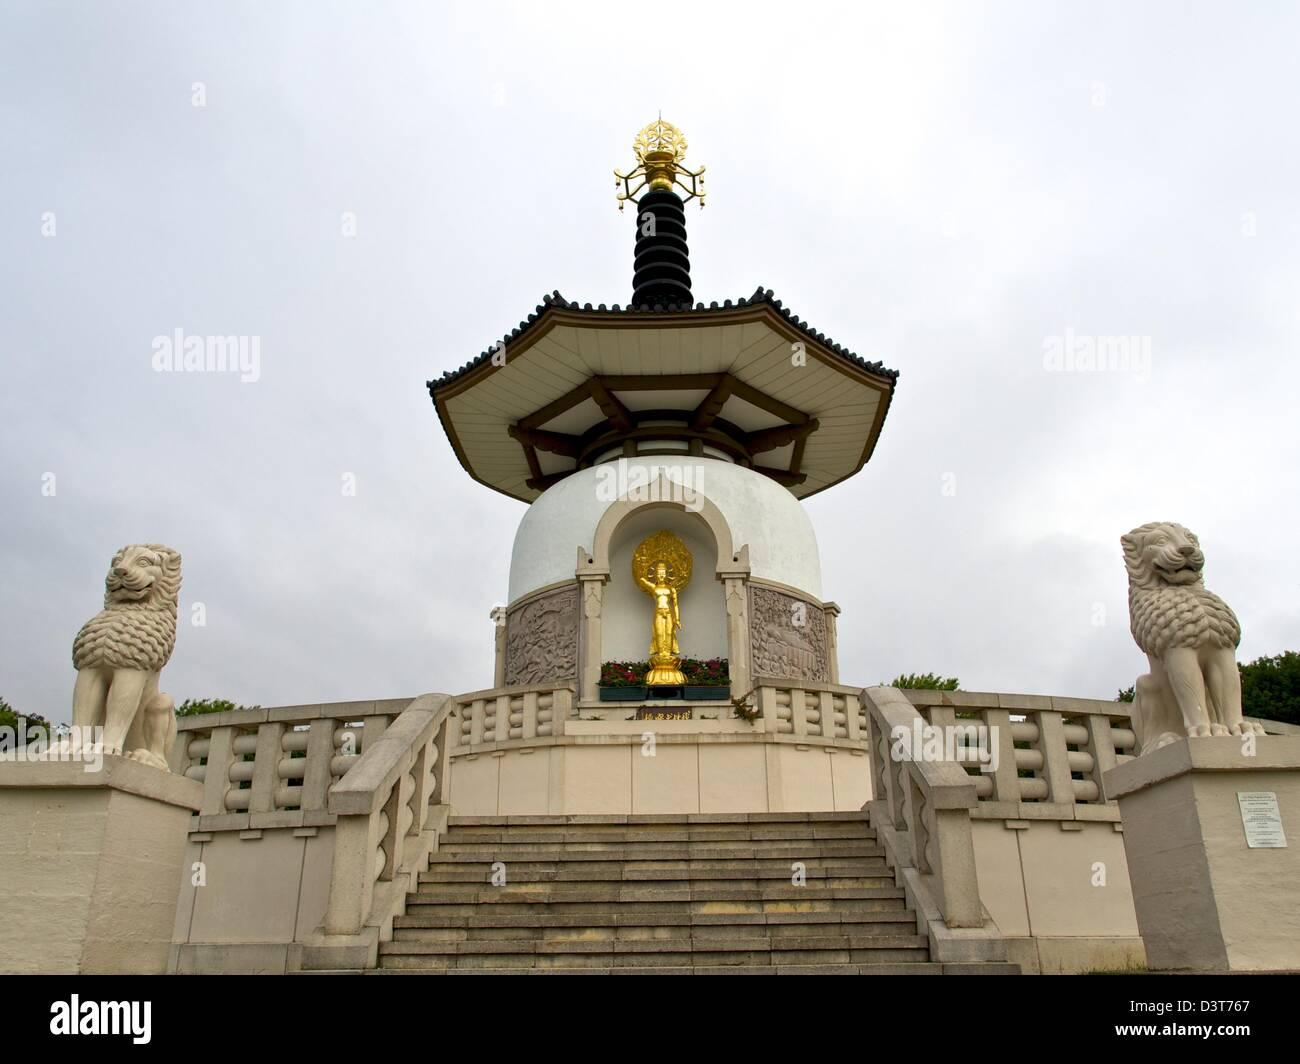 The Peace Pagoda at Milton Keynes - Stock Image